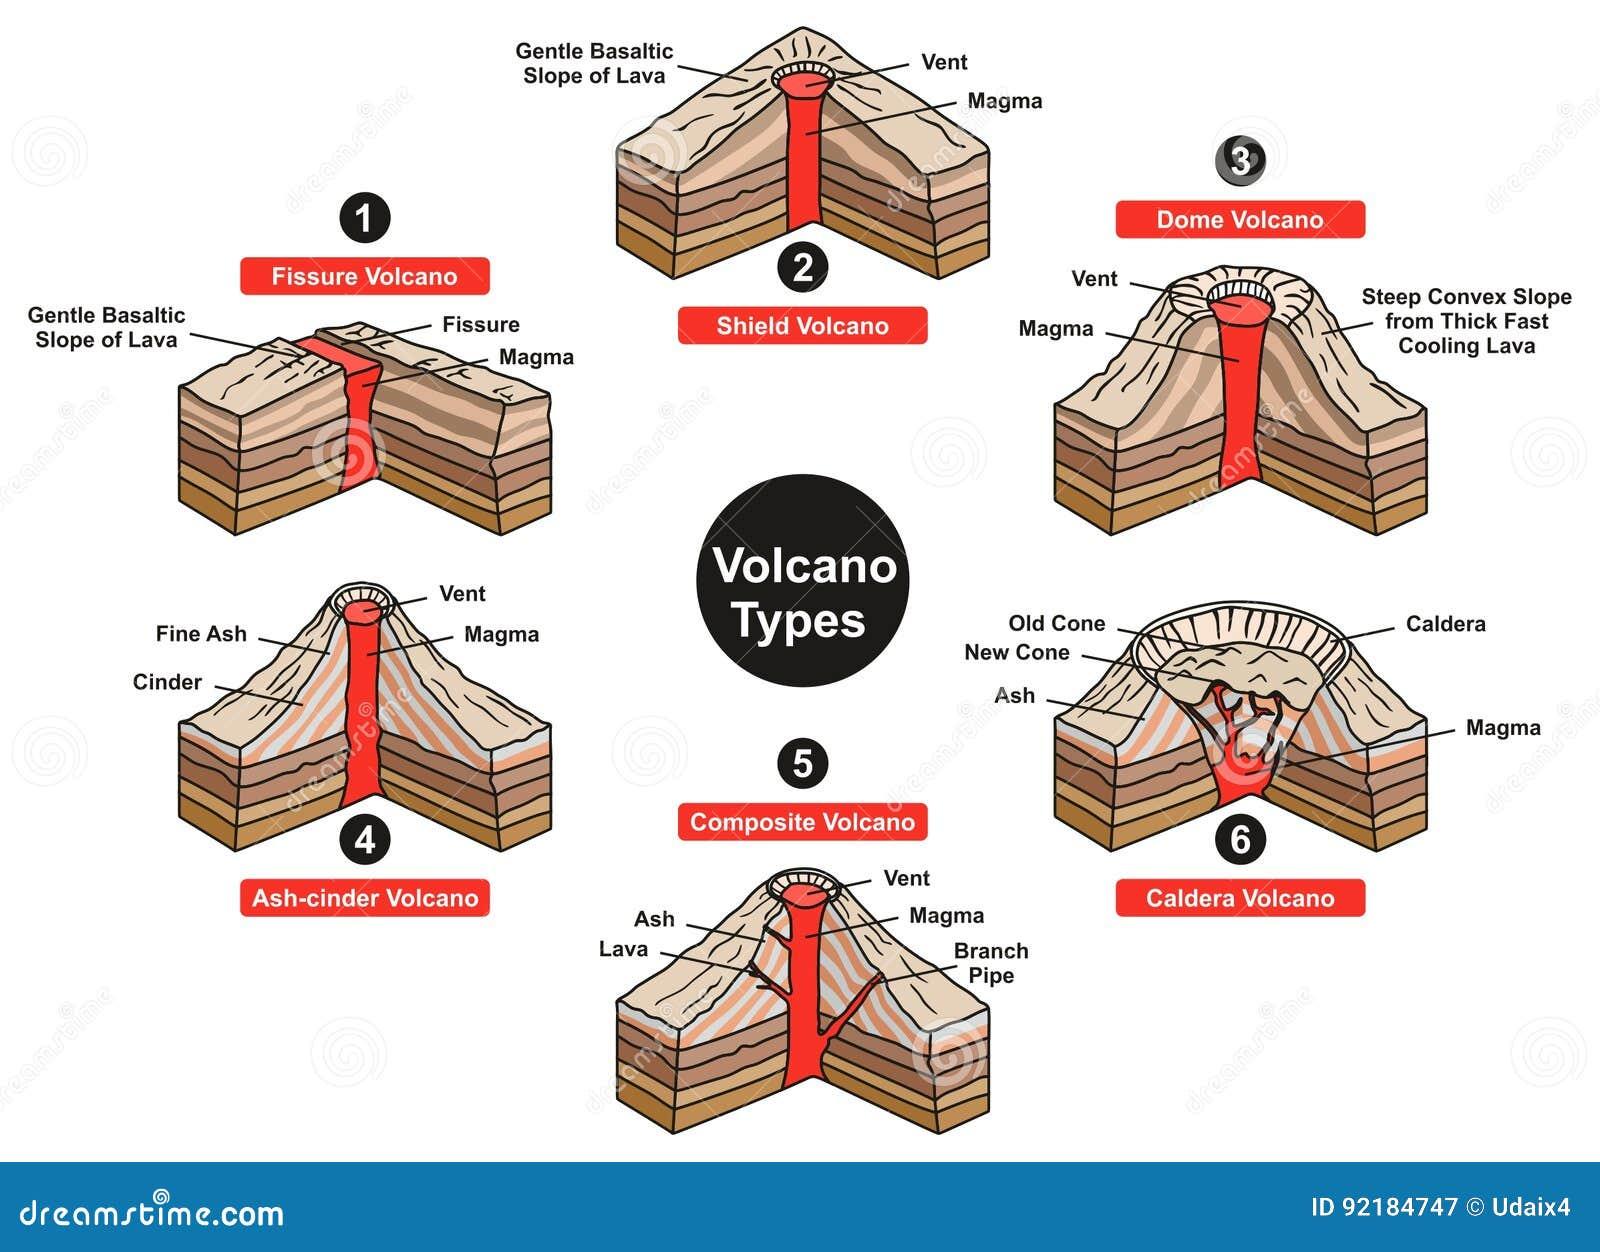 Volcano Types Infographic Diagram